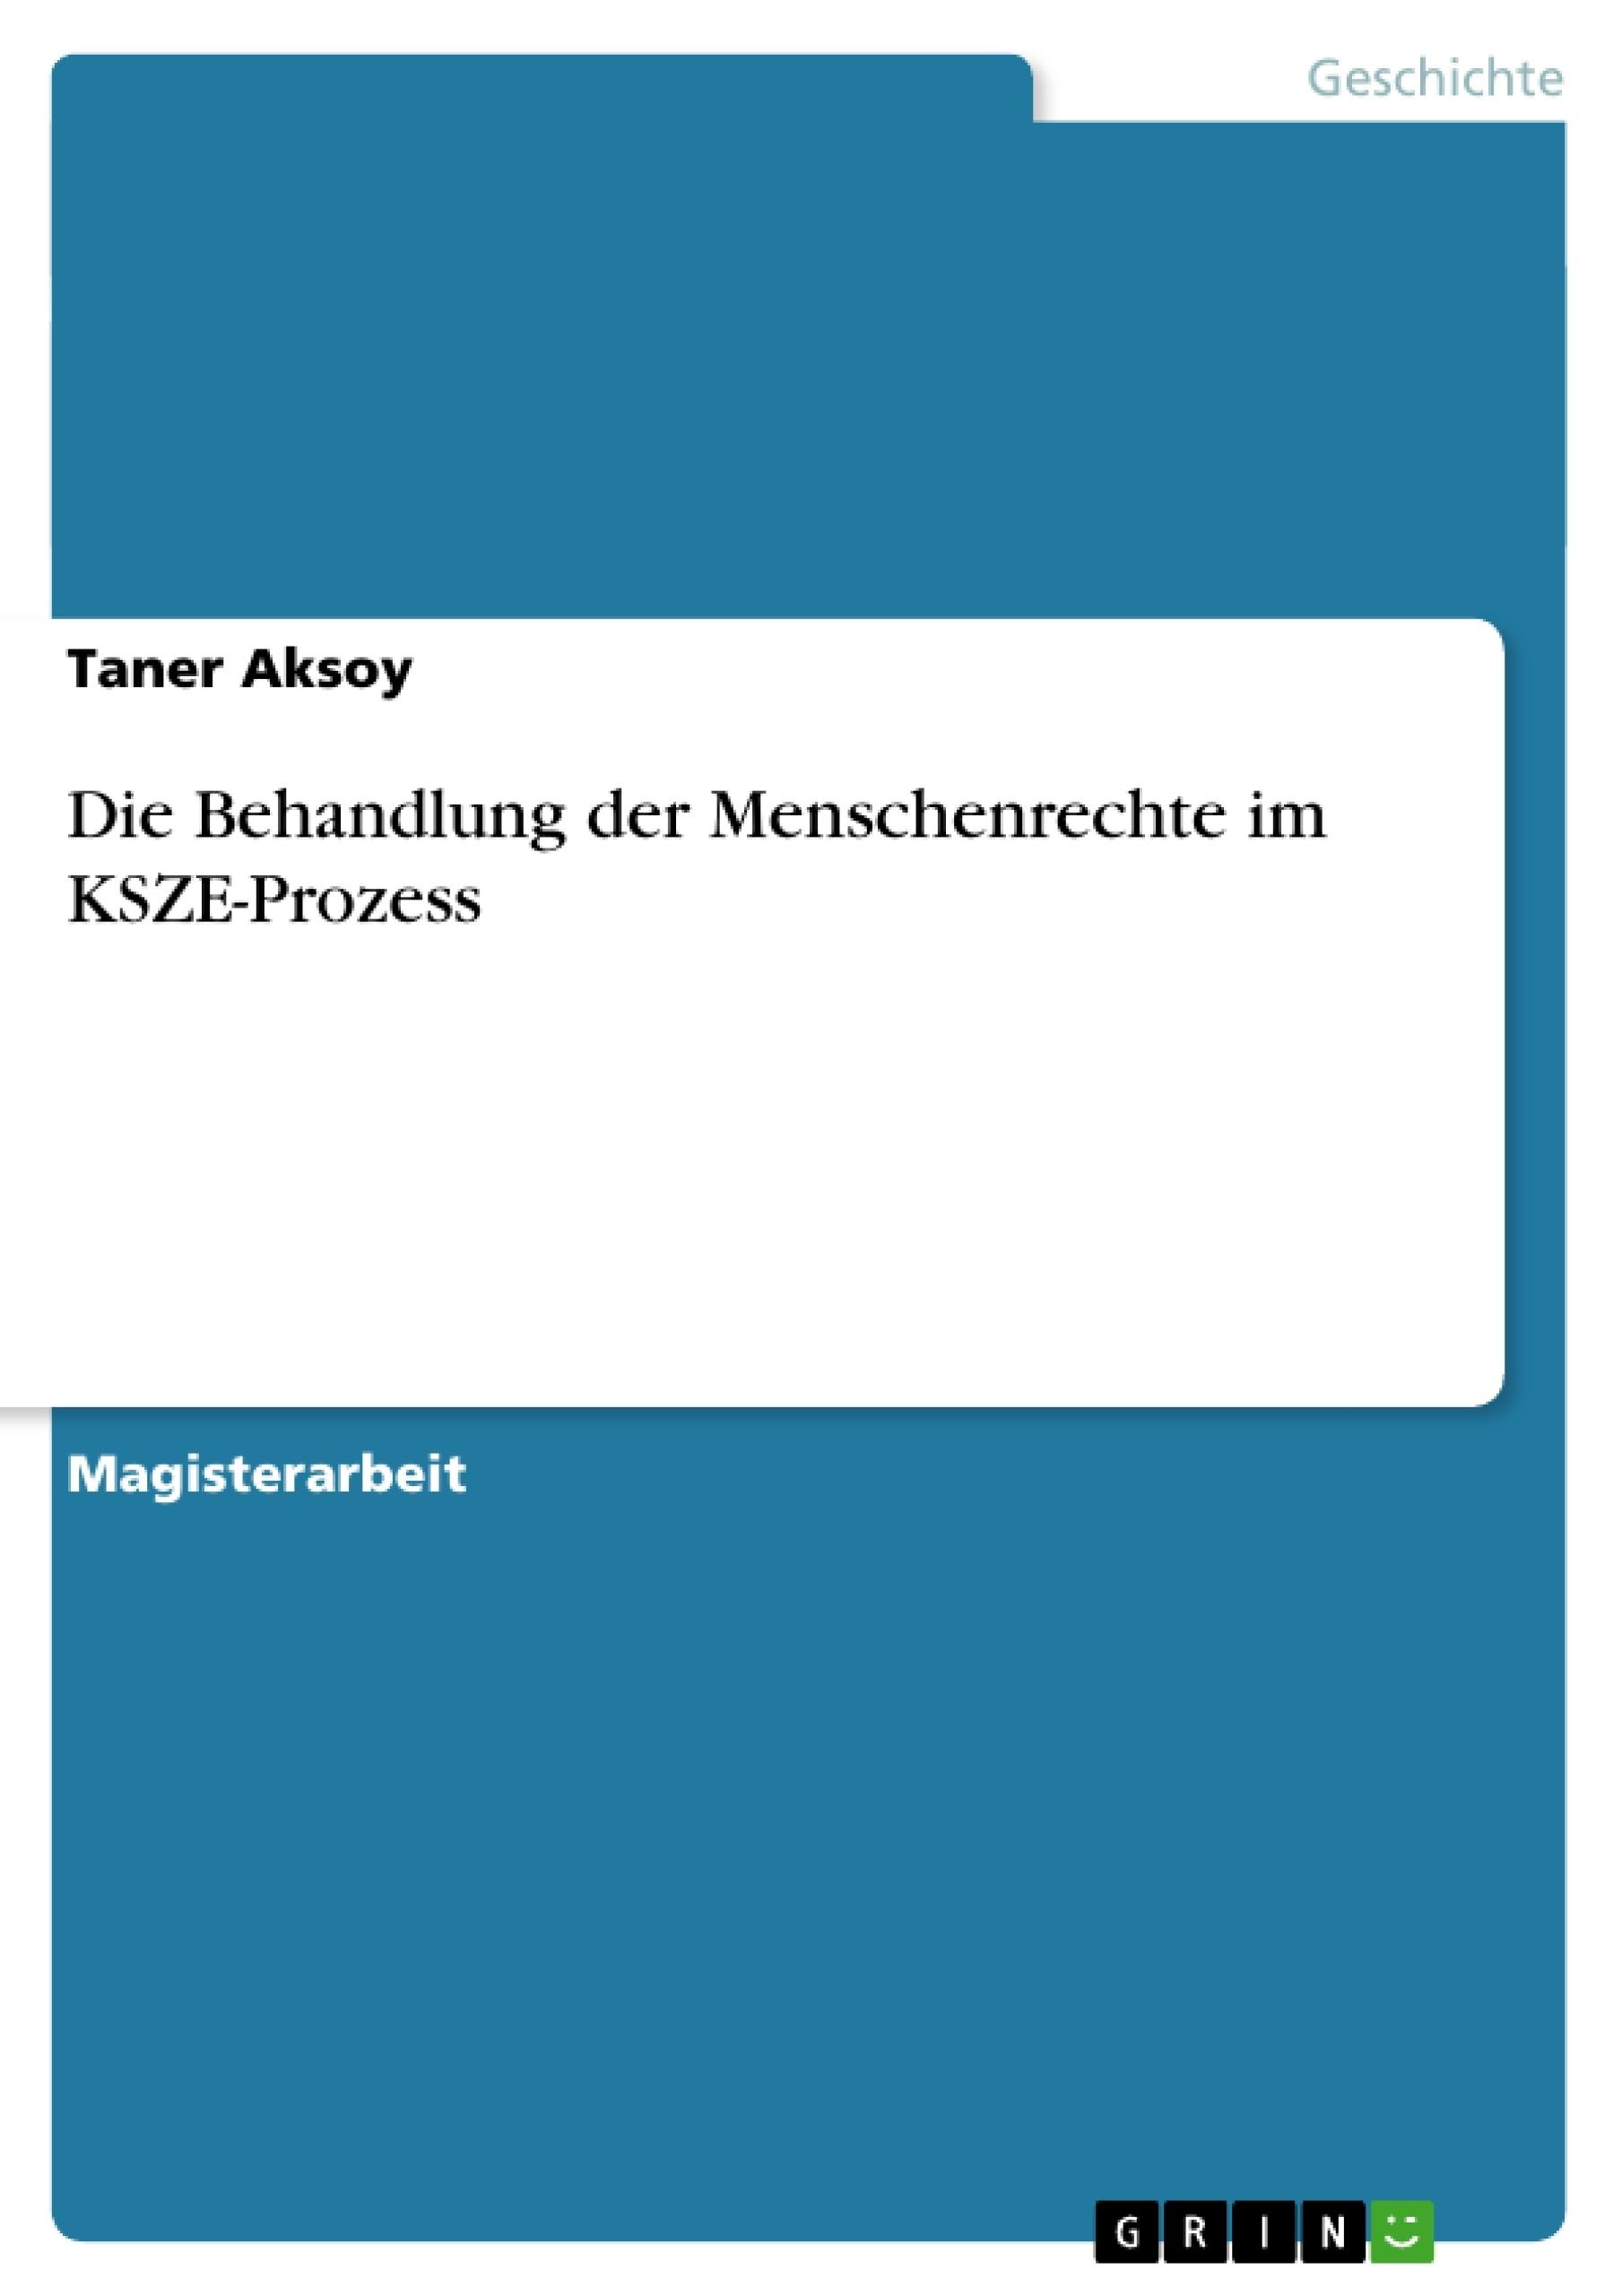 Titel: Die Behandlung der Menschenrechte im KSZE-Prozess